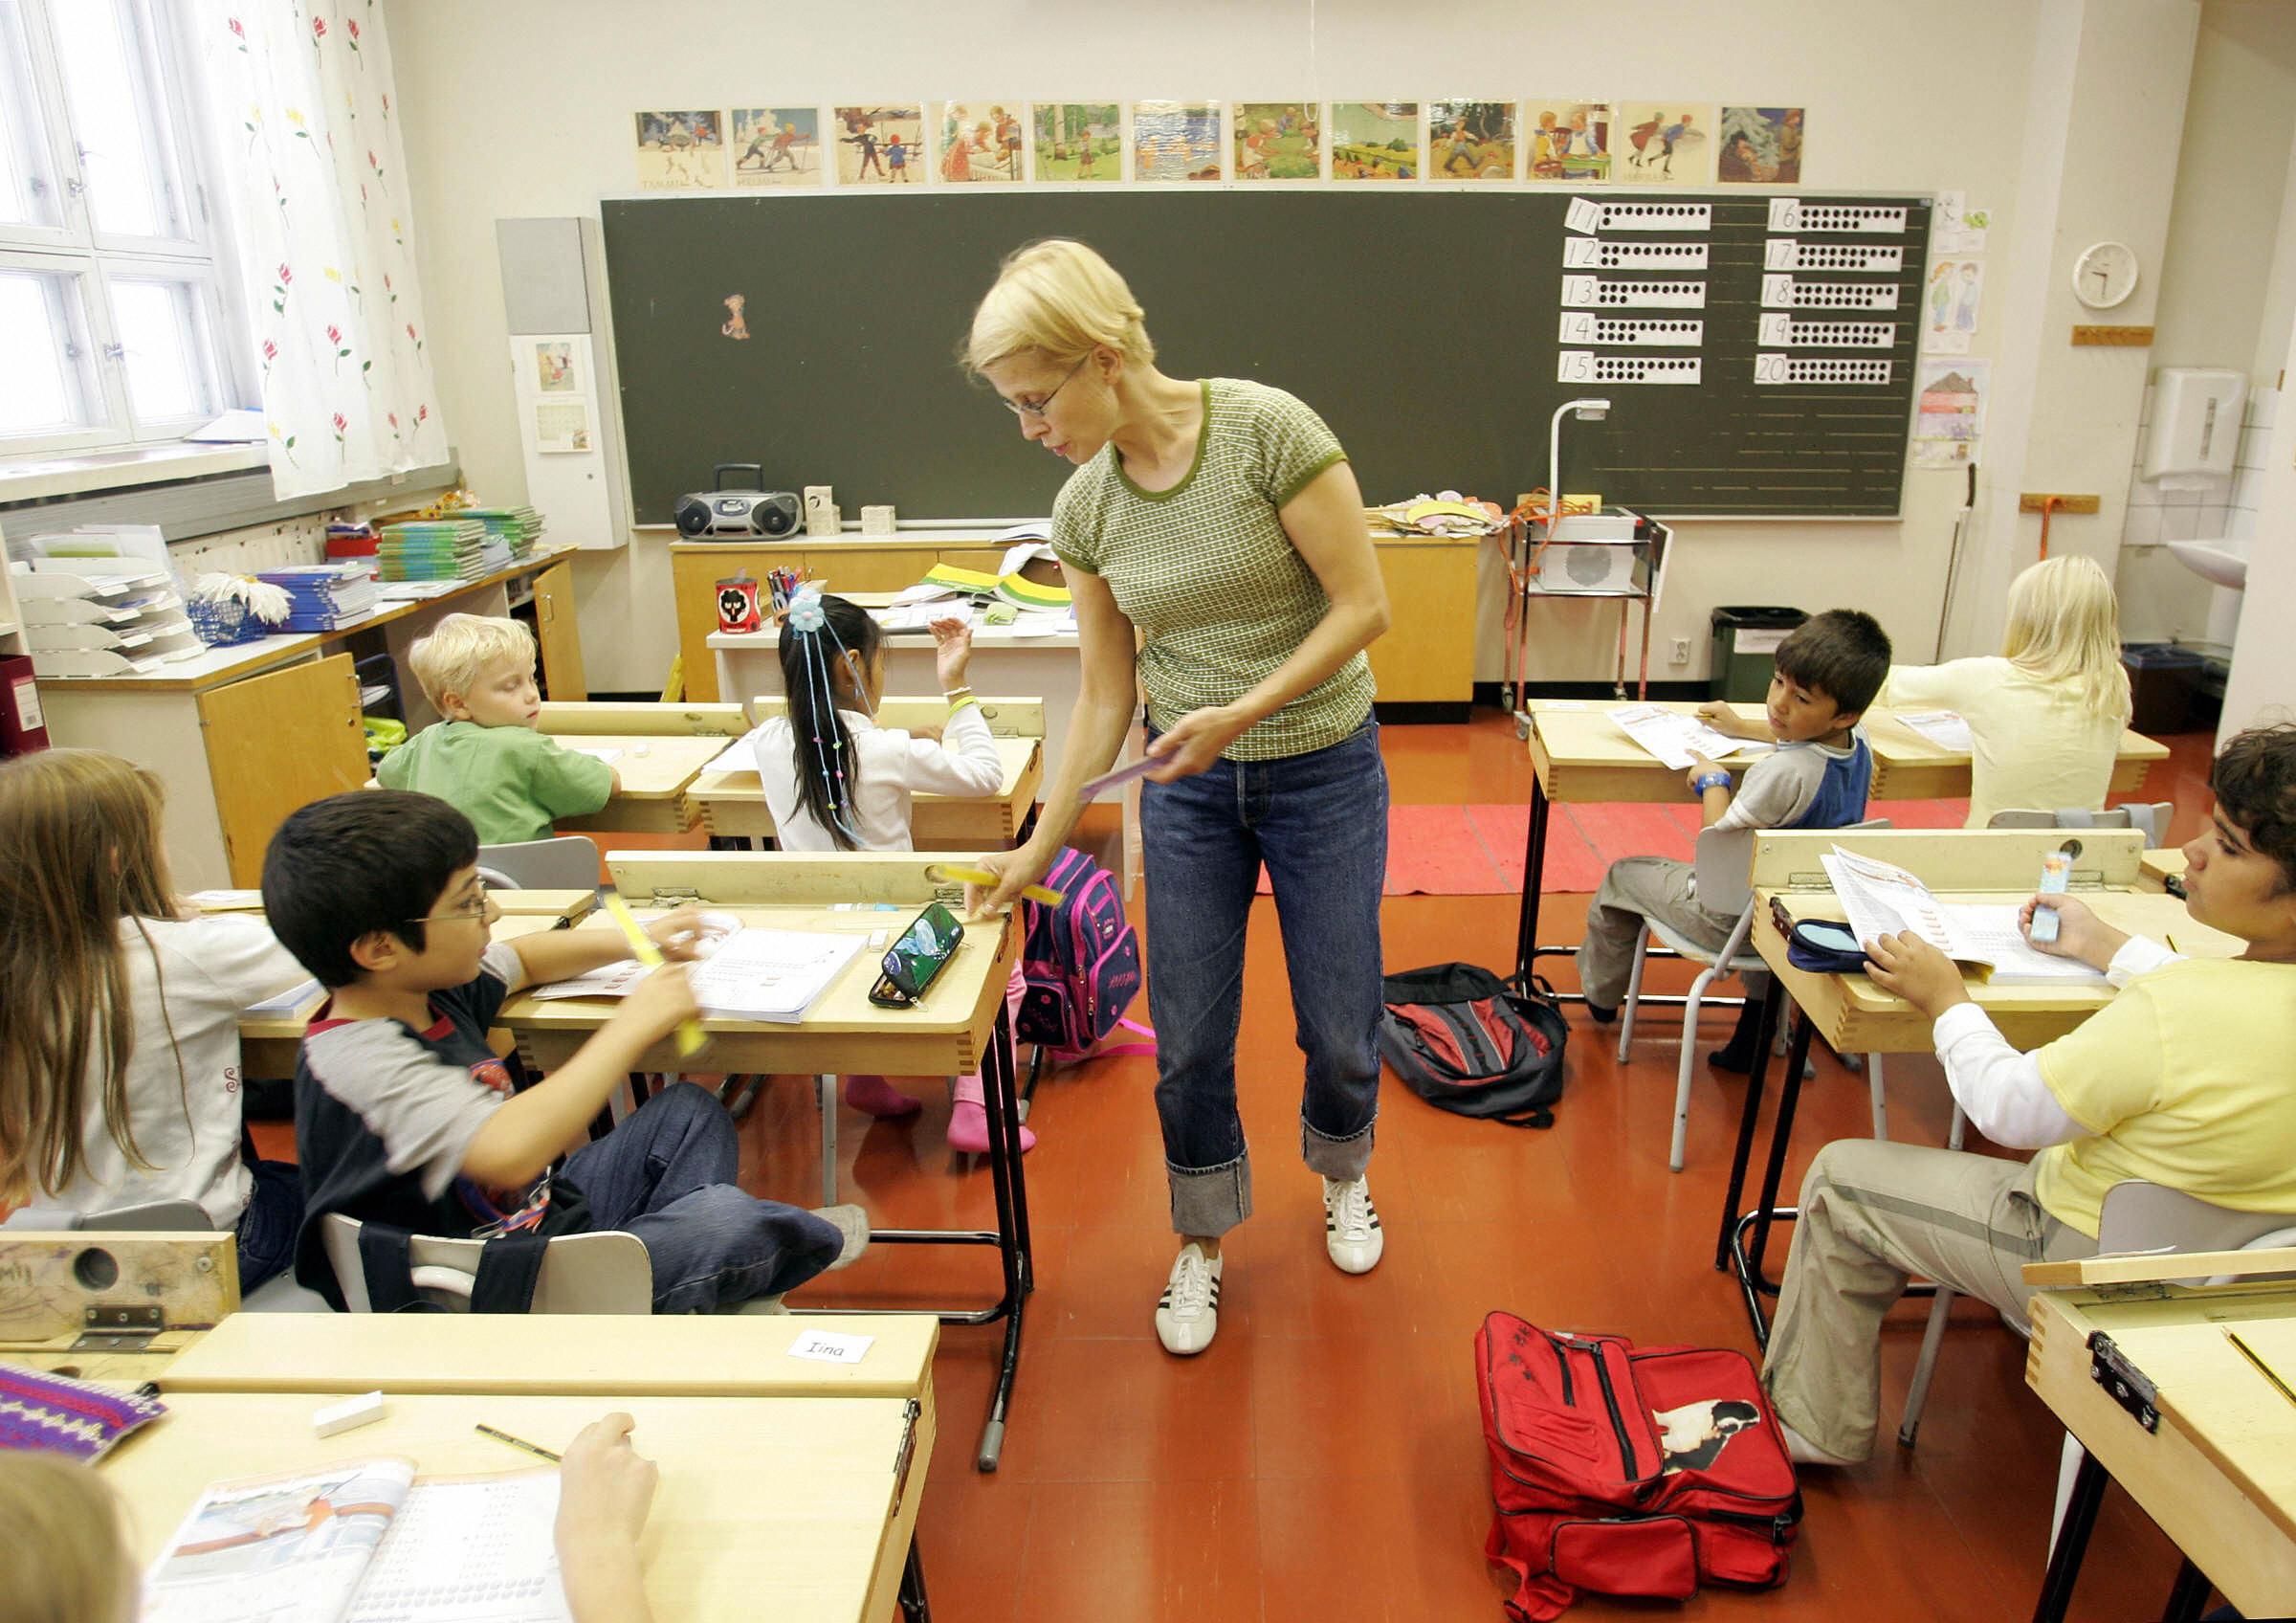 Finlanda este ţara europeană cu cel mai performant sistem de învăţământ. Și totuși,   se află într-o continuă evoluție,   pregătind noi reforme.